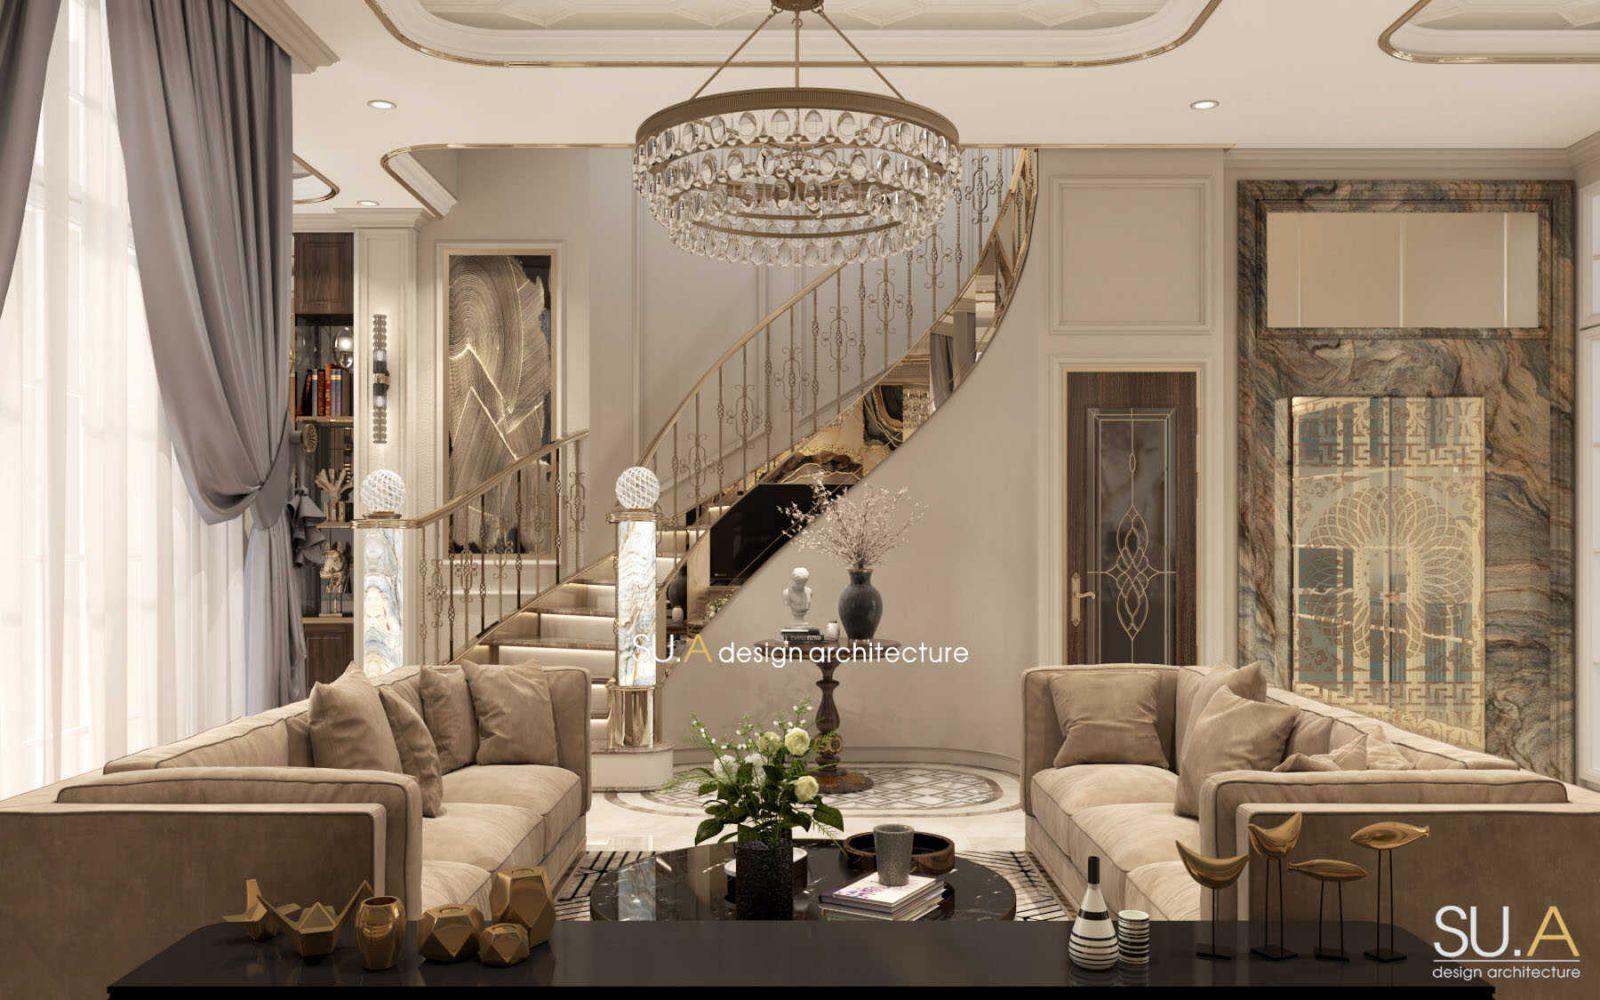 Thiết kế nội thất nội thất phòng khách tân cổ điển